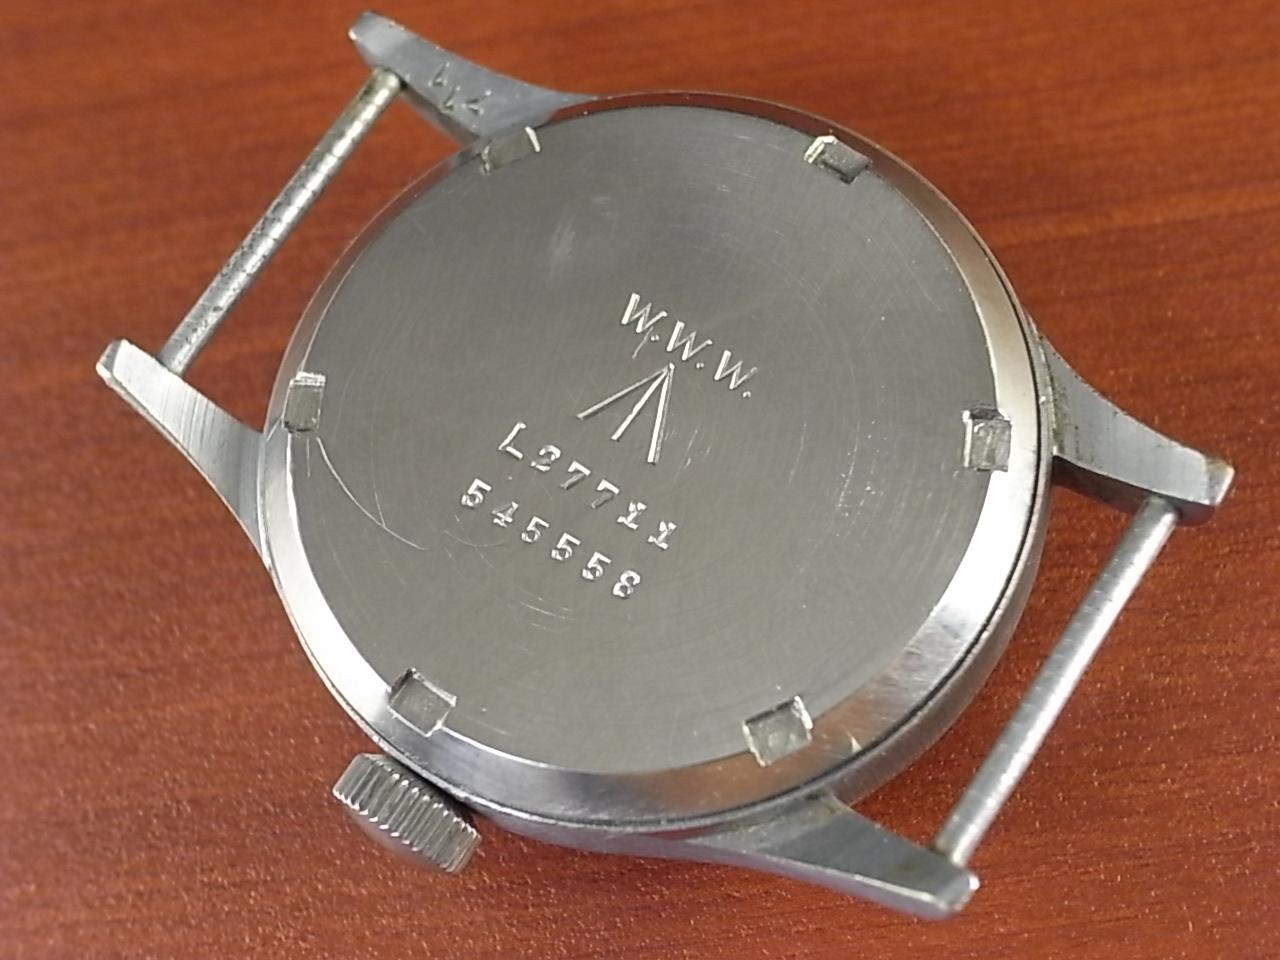 レコード 軍用時計 イギリス陸軍 W.W.W. 第二次世界大戦 1940年代の写真4枚目